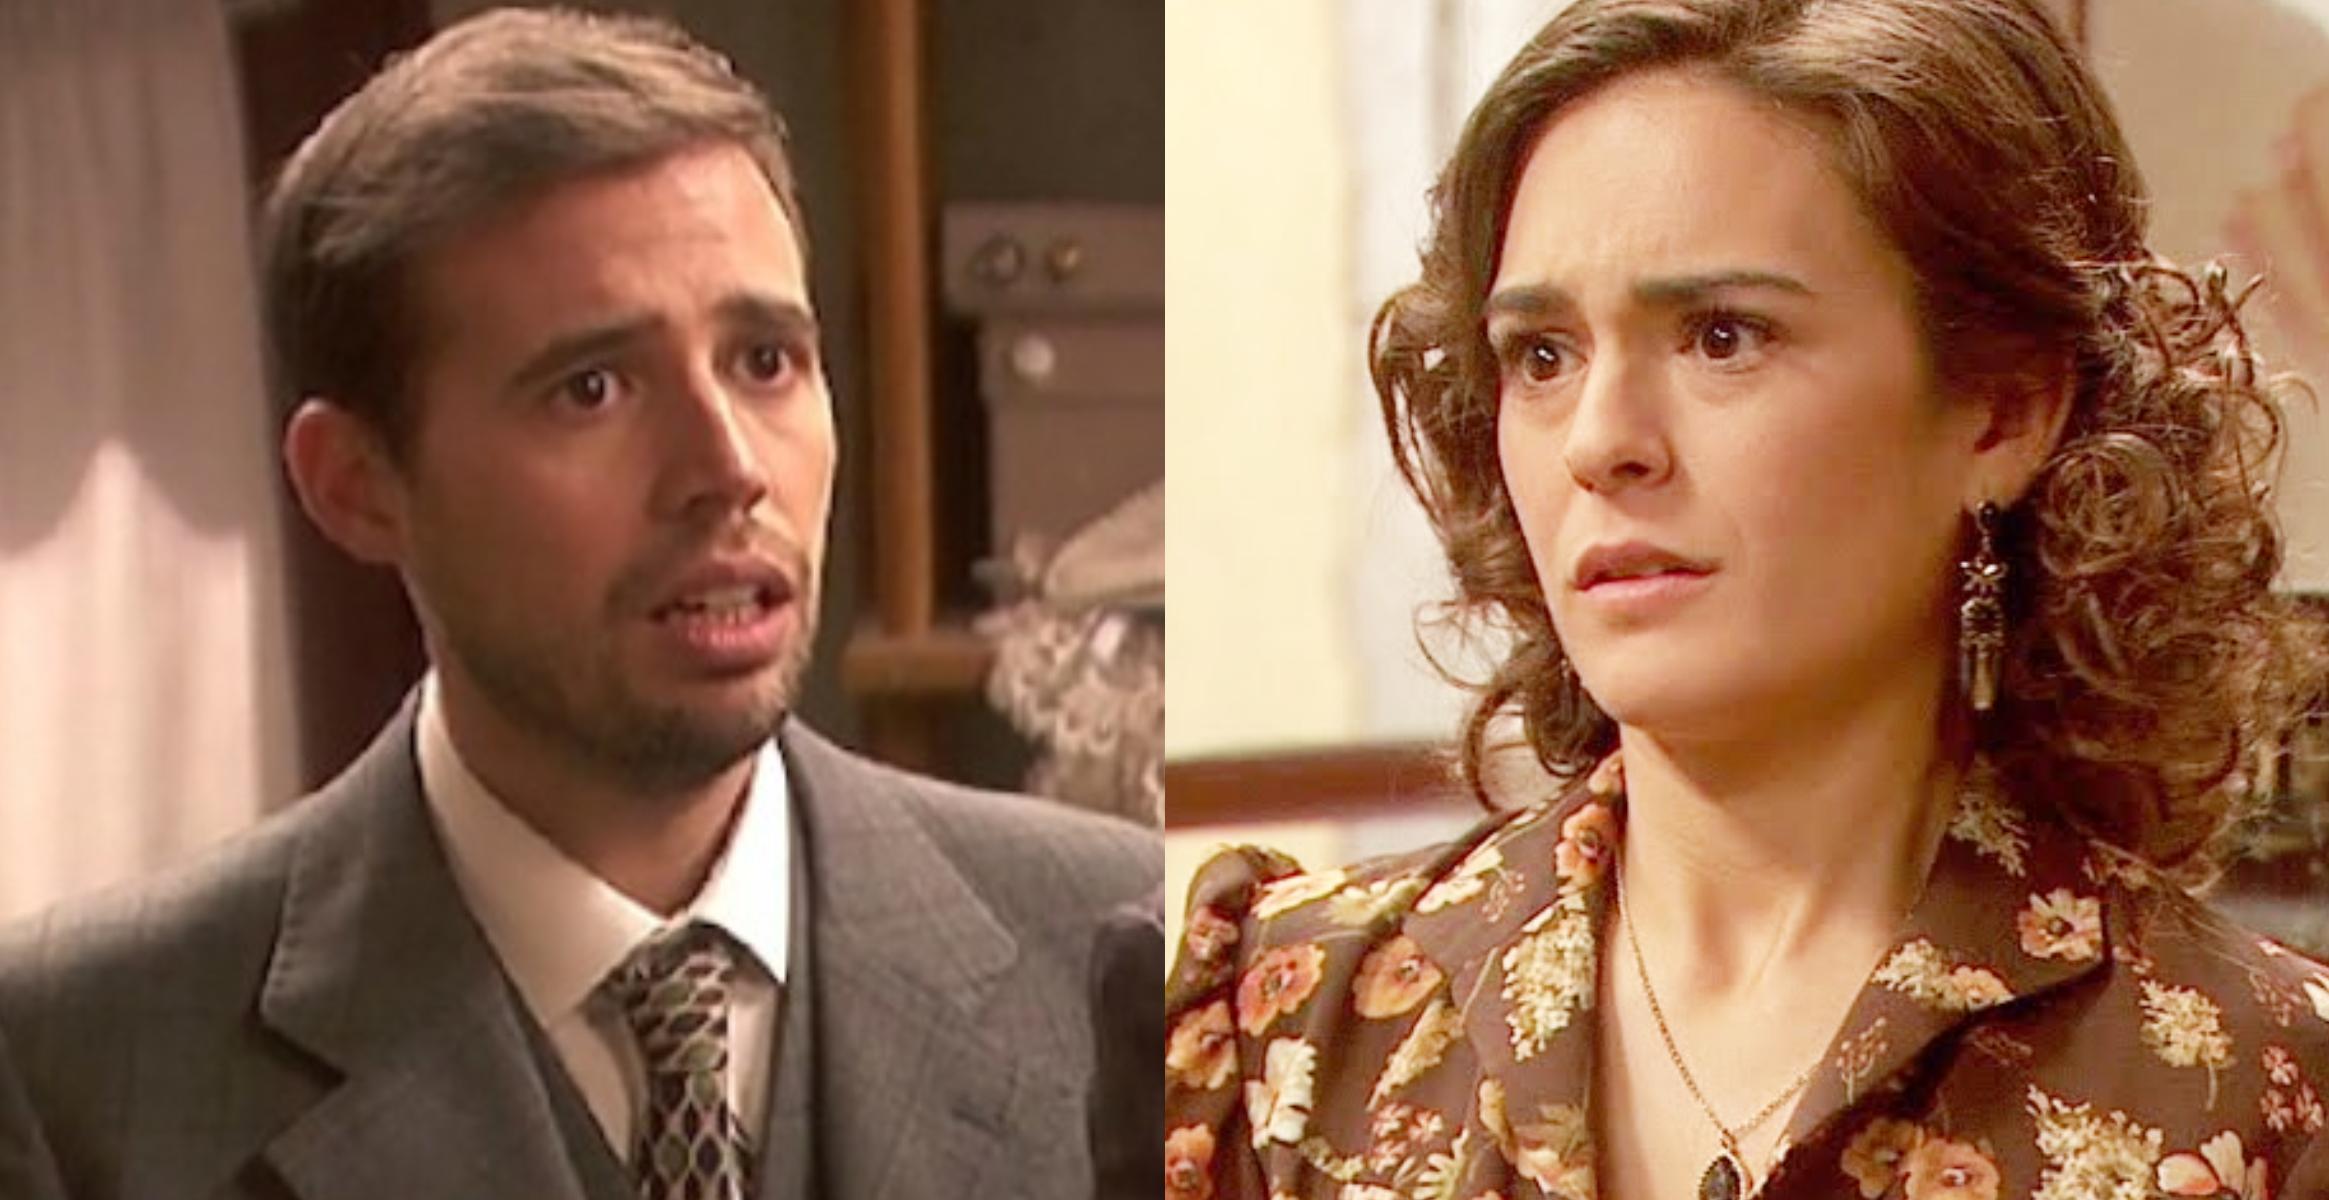 Il Segreto, anticipazioni spagnole: Gracia muore, Hipolito diventa vedovo